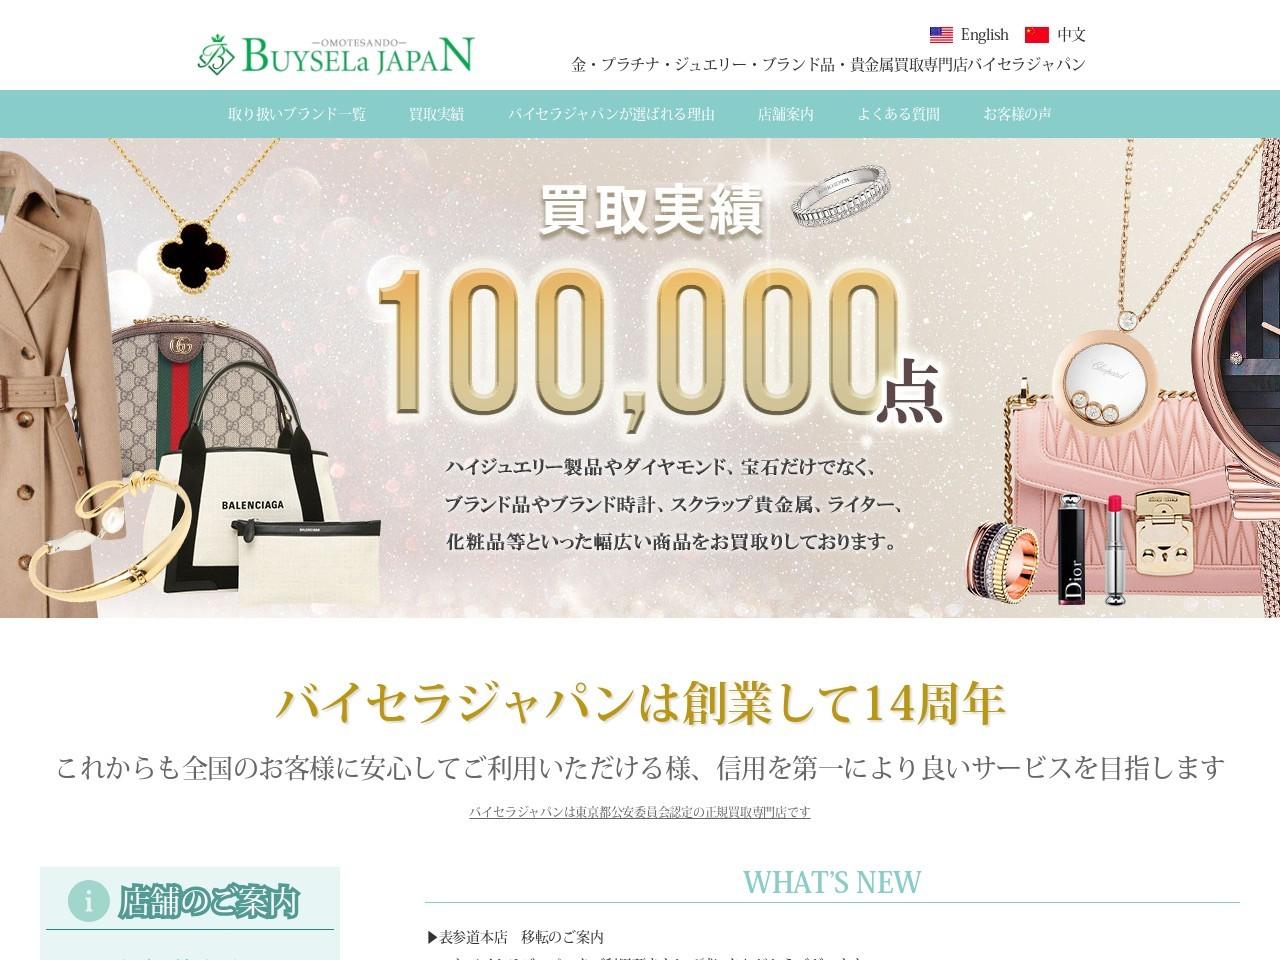 金買取・貴金属・ダイヤモンド・宝石・ジュエリー買取はバイセラジャパン